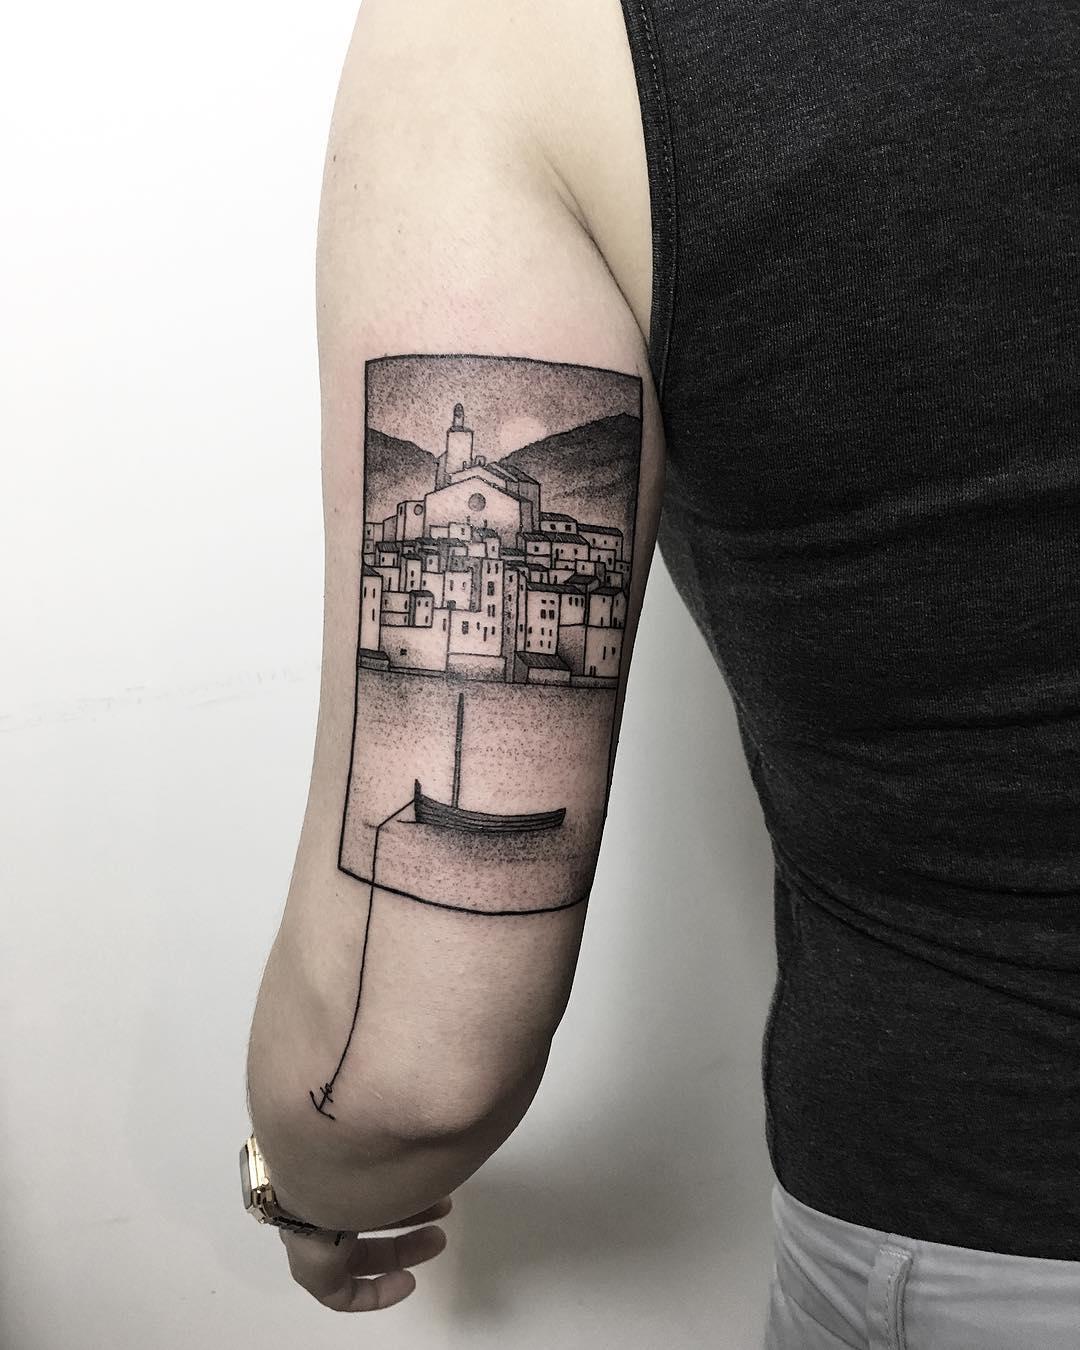 Cadaqués scenery by tattooist Spence @zz tattoo